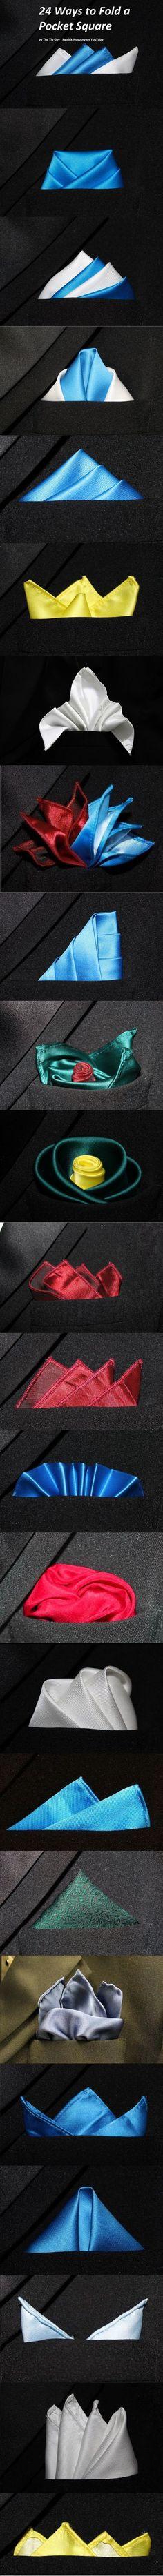 24 formas de doblar un pañuelo de bolsillo – Infografía #FashionClothes